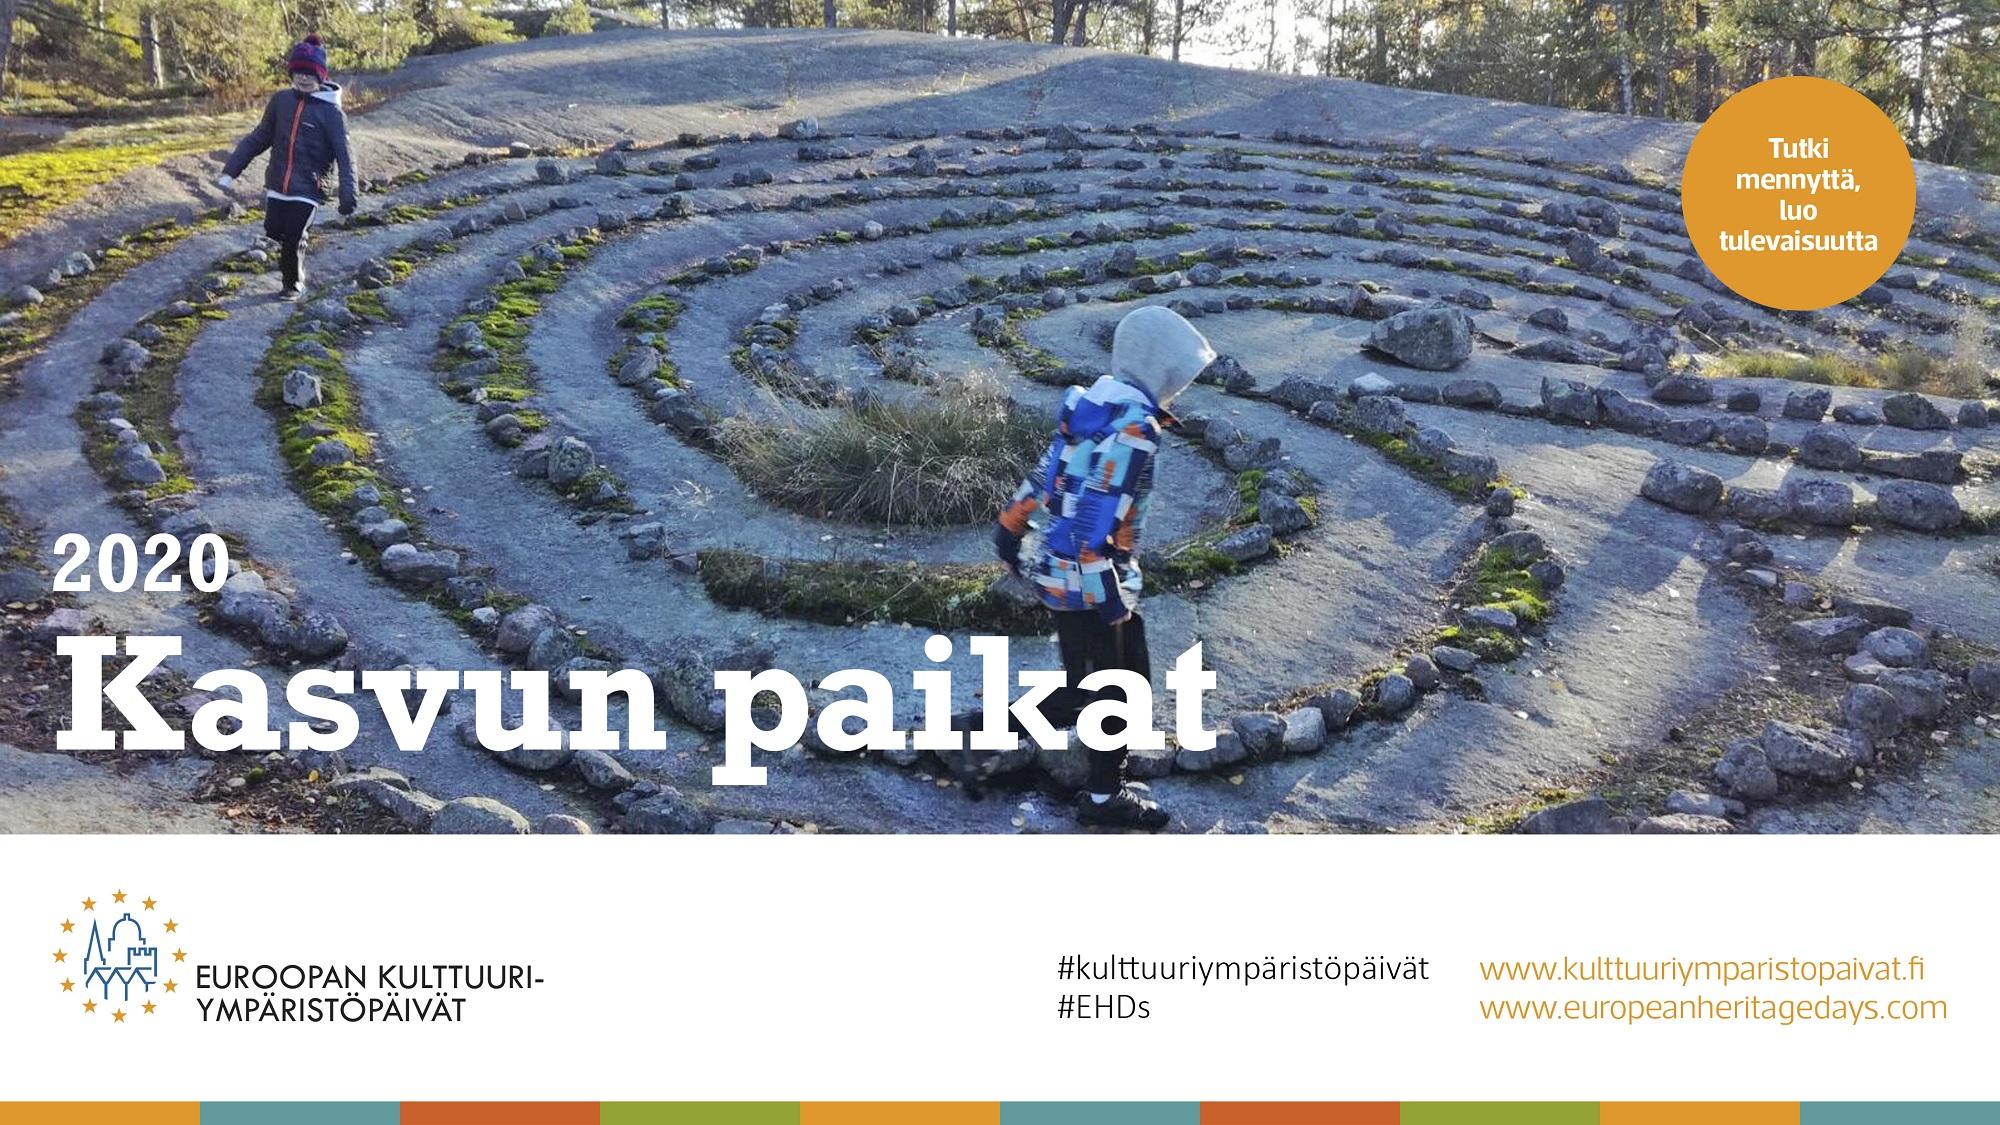 Euroopan kulttuuriympäristöpäivien vuoden 2020 teeman Kasvun paikat teemakuva, lapset juoksevat jatulintarhassa.